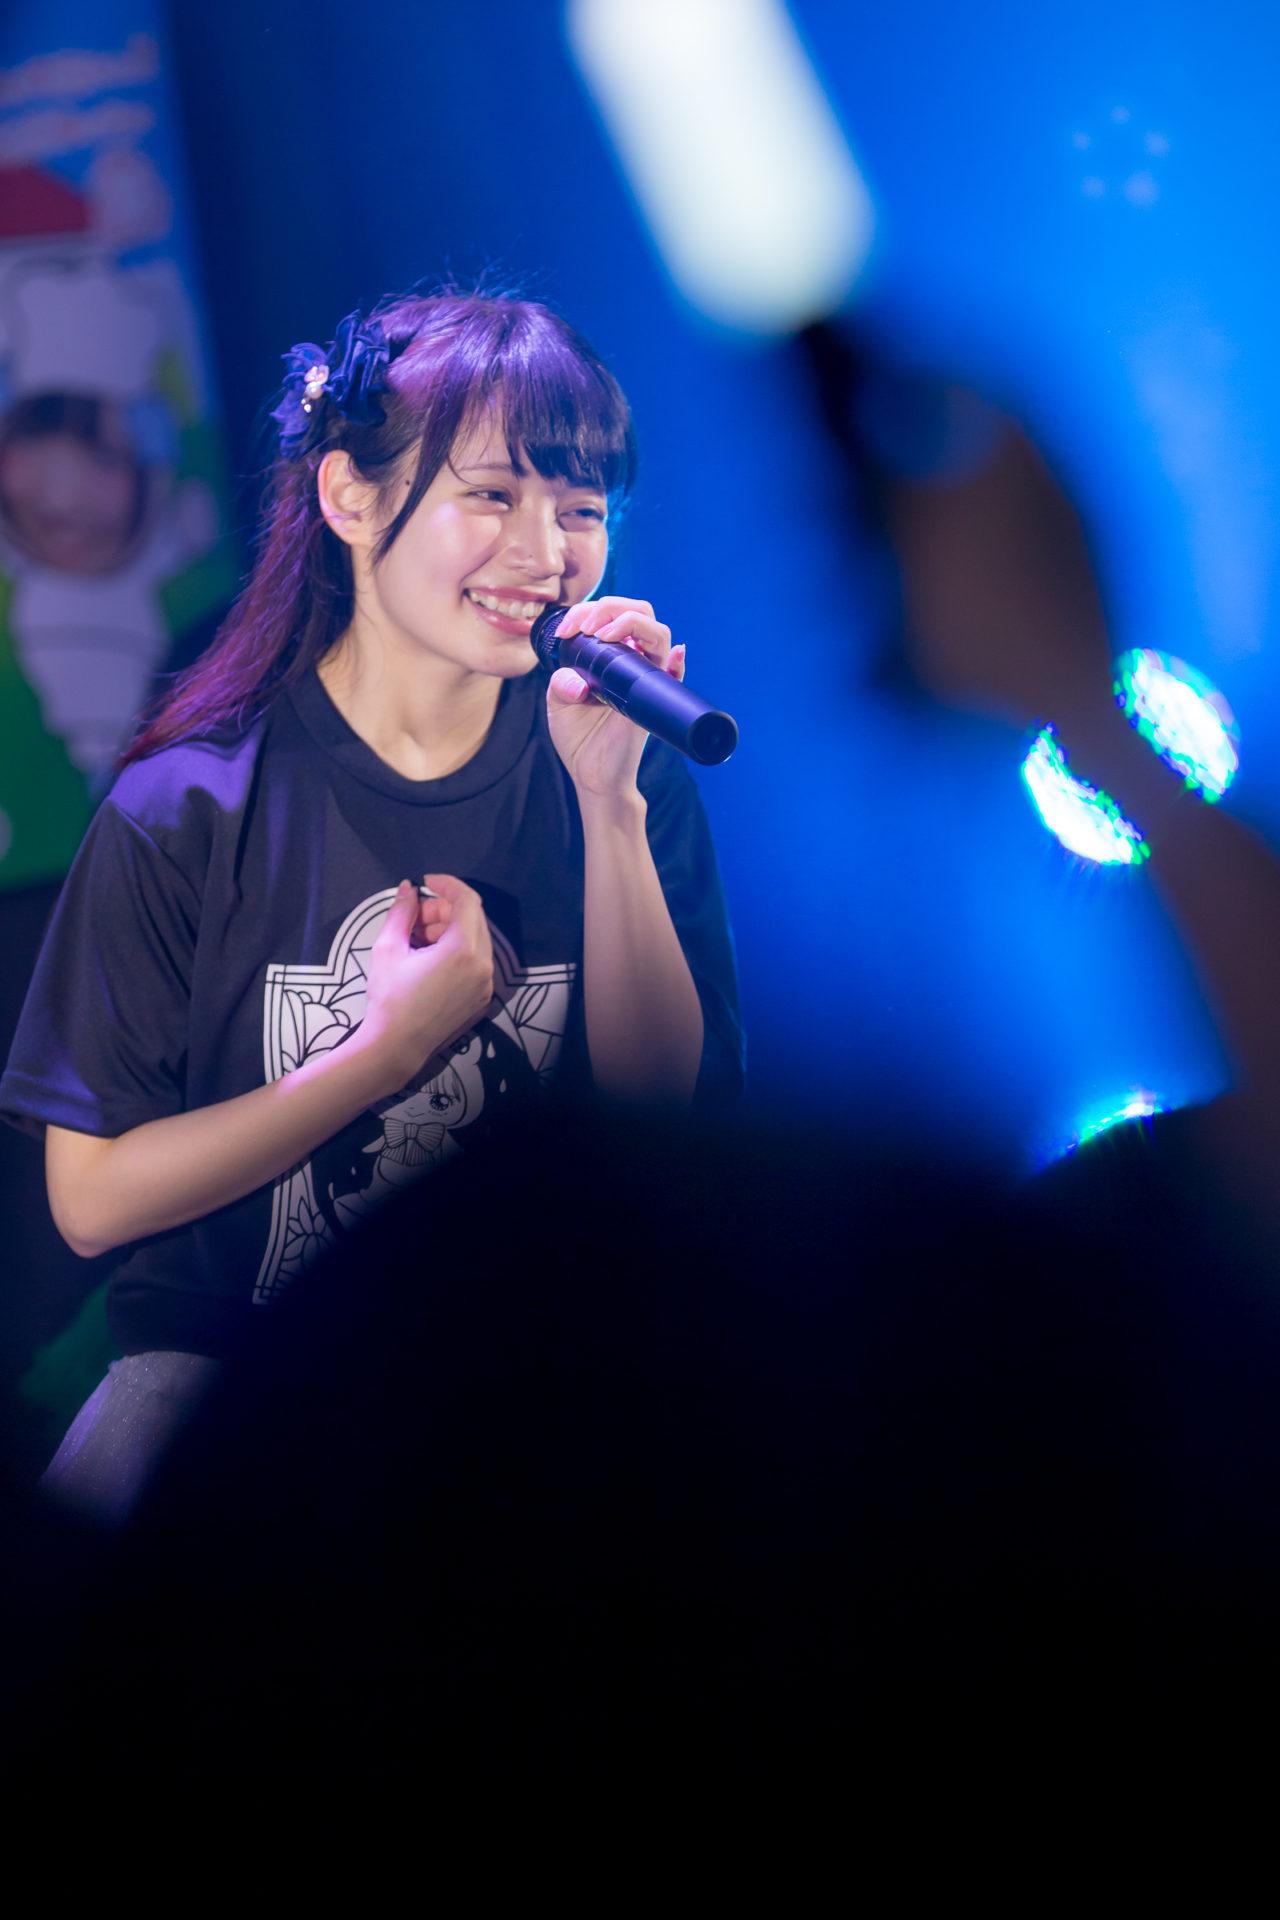 2代目HAPPY少女♪ ゆいな ( 宮崎ゆいな ) | ハピパvol.25〜ゆいな生誕〜